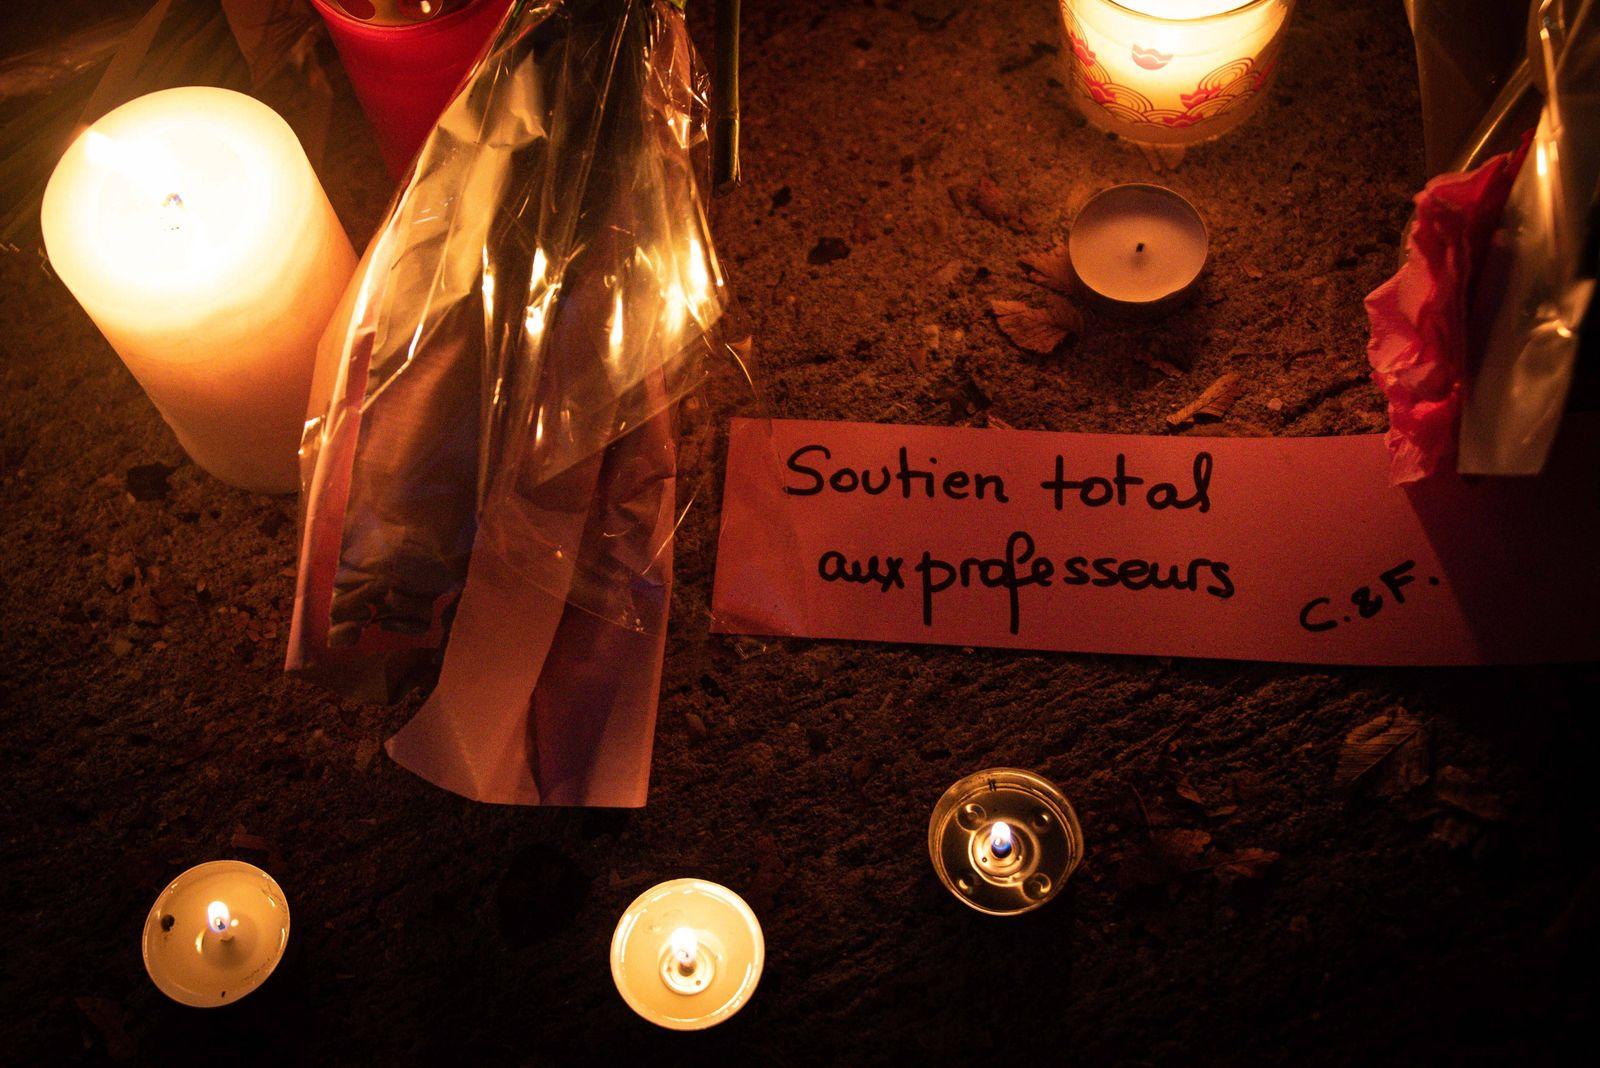 Hommage au professeur victime d un attentat a Conflans Sainte Honorine - Ambiance NEWS : Hommage au professeur victime